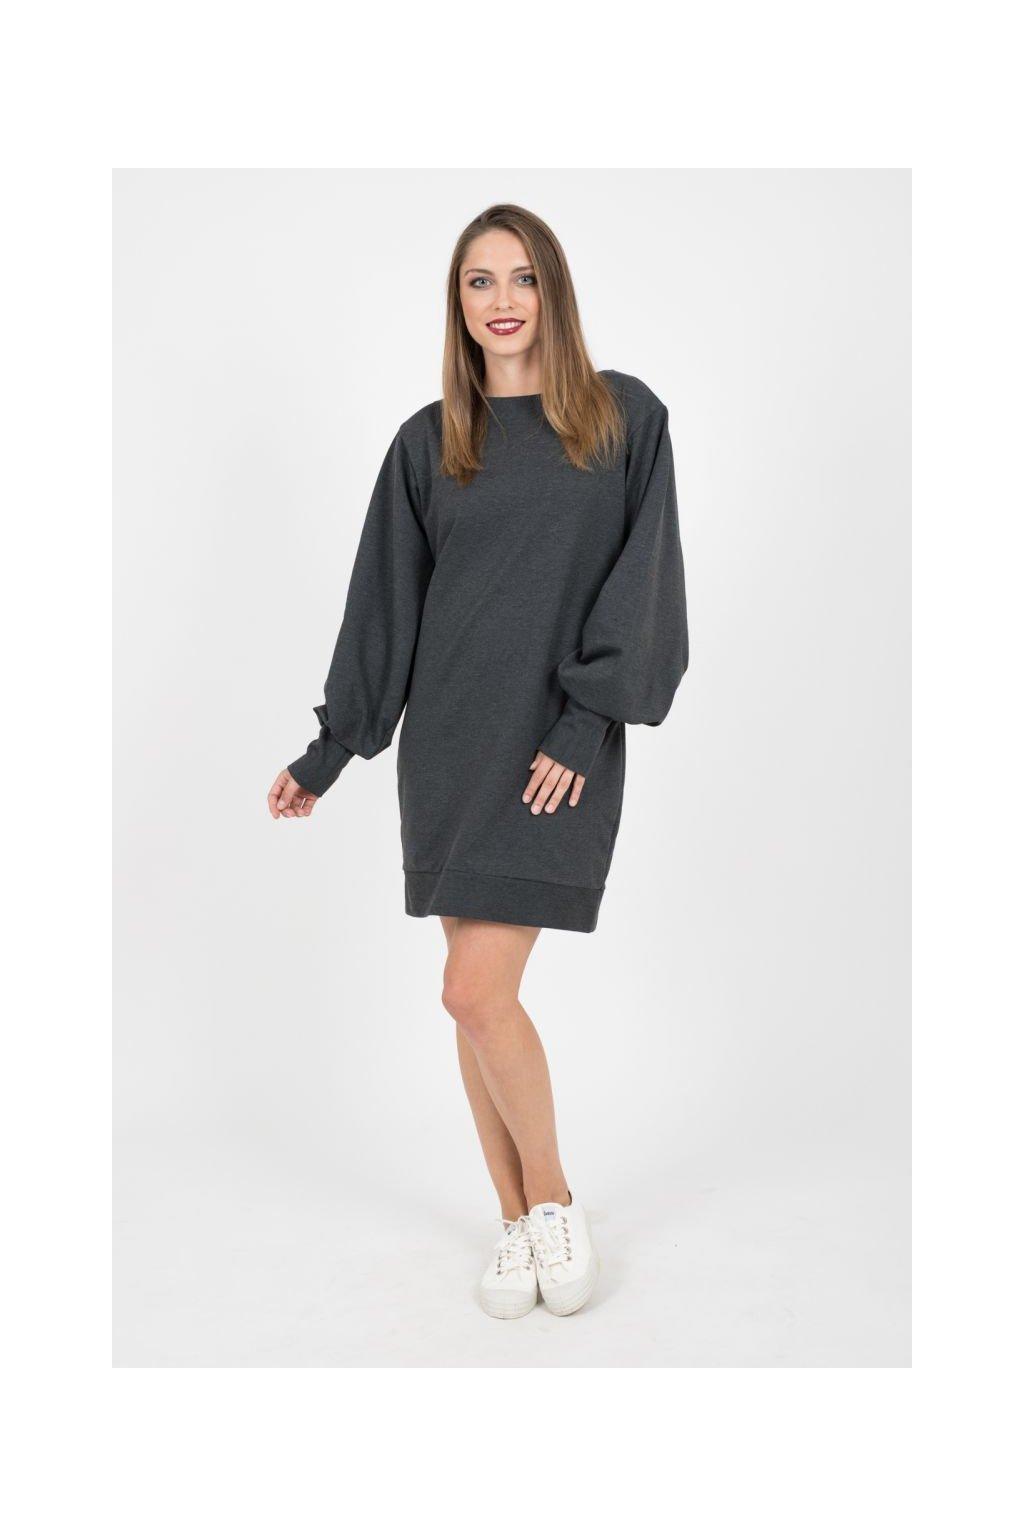 Tepláková šaty tmavě šedé 3